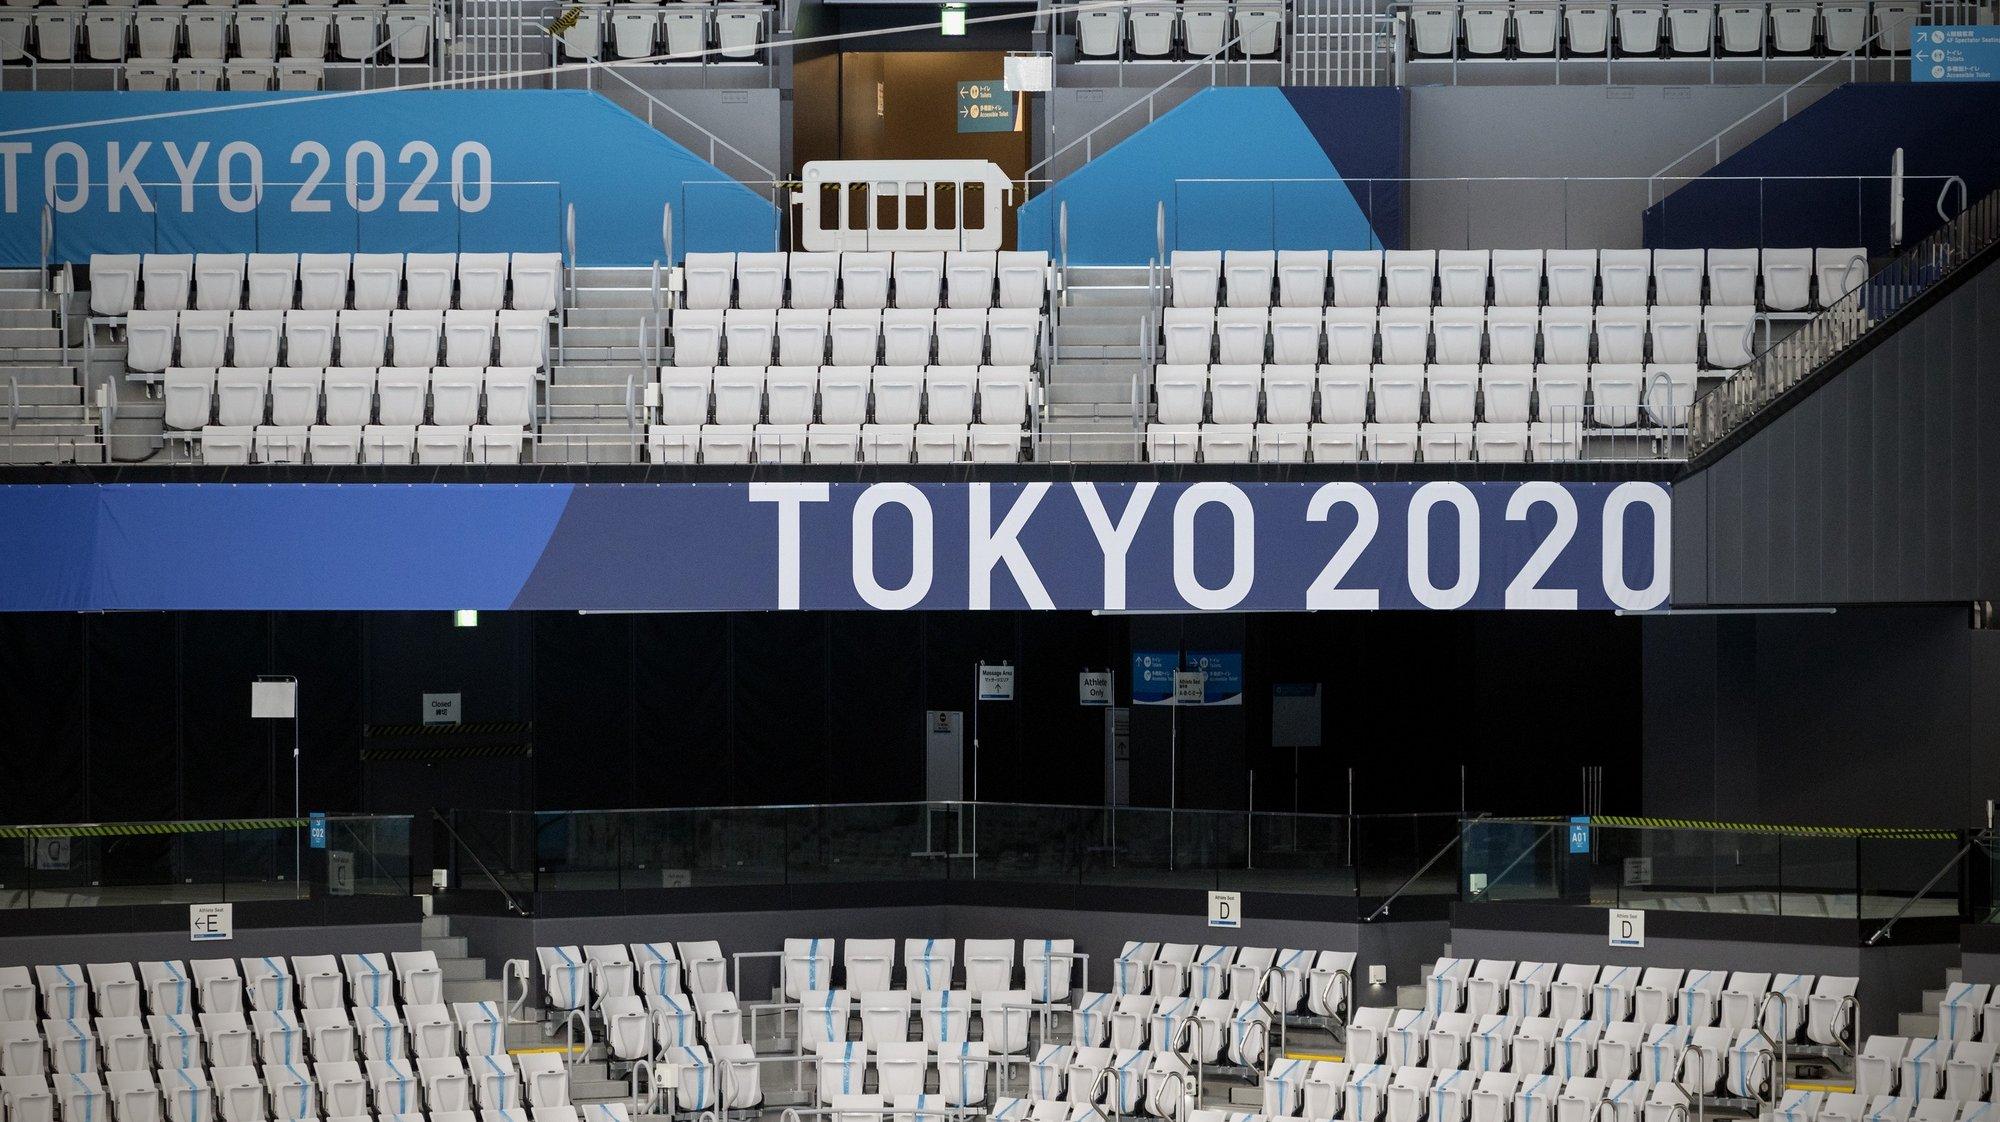 A um dia do início dos Jogos Olímpicos, Tóquio parece viver alheado do maior evento desportivo do mundo, algo só possível numa sociedade altamente respeitadora, face a um vírus que levou ao inédito adiamento da competição, Tóquio, Japão, 22 de julho de 2021. JOSÉ COELHO/LUSA